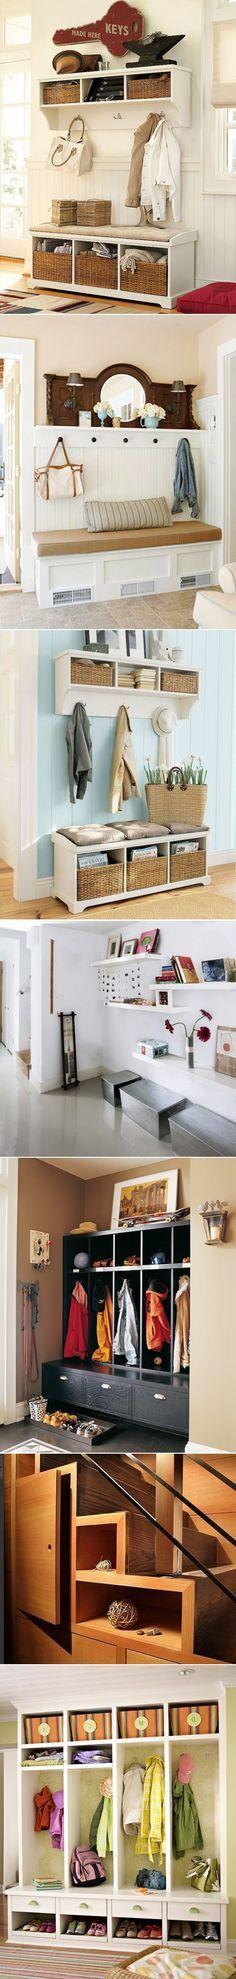 Best Hallway Storage Ideas On Pinterest Hallway Shoe Storage - 63 clever hallway storage ideas